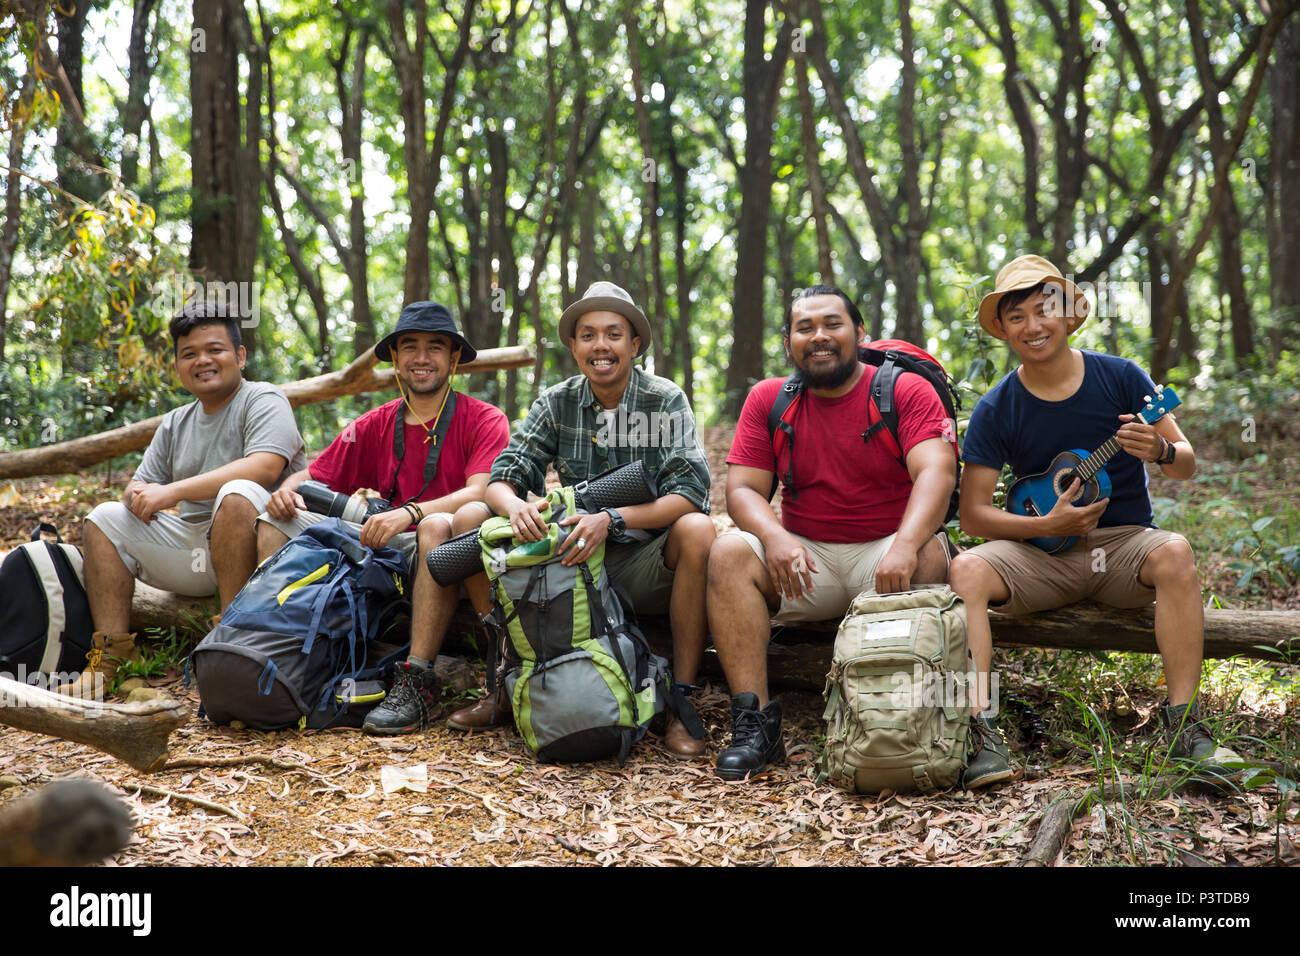 Jeunes amis de la randonnée ensemble Photo Stock